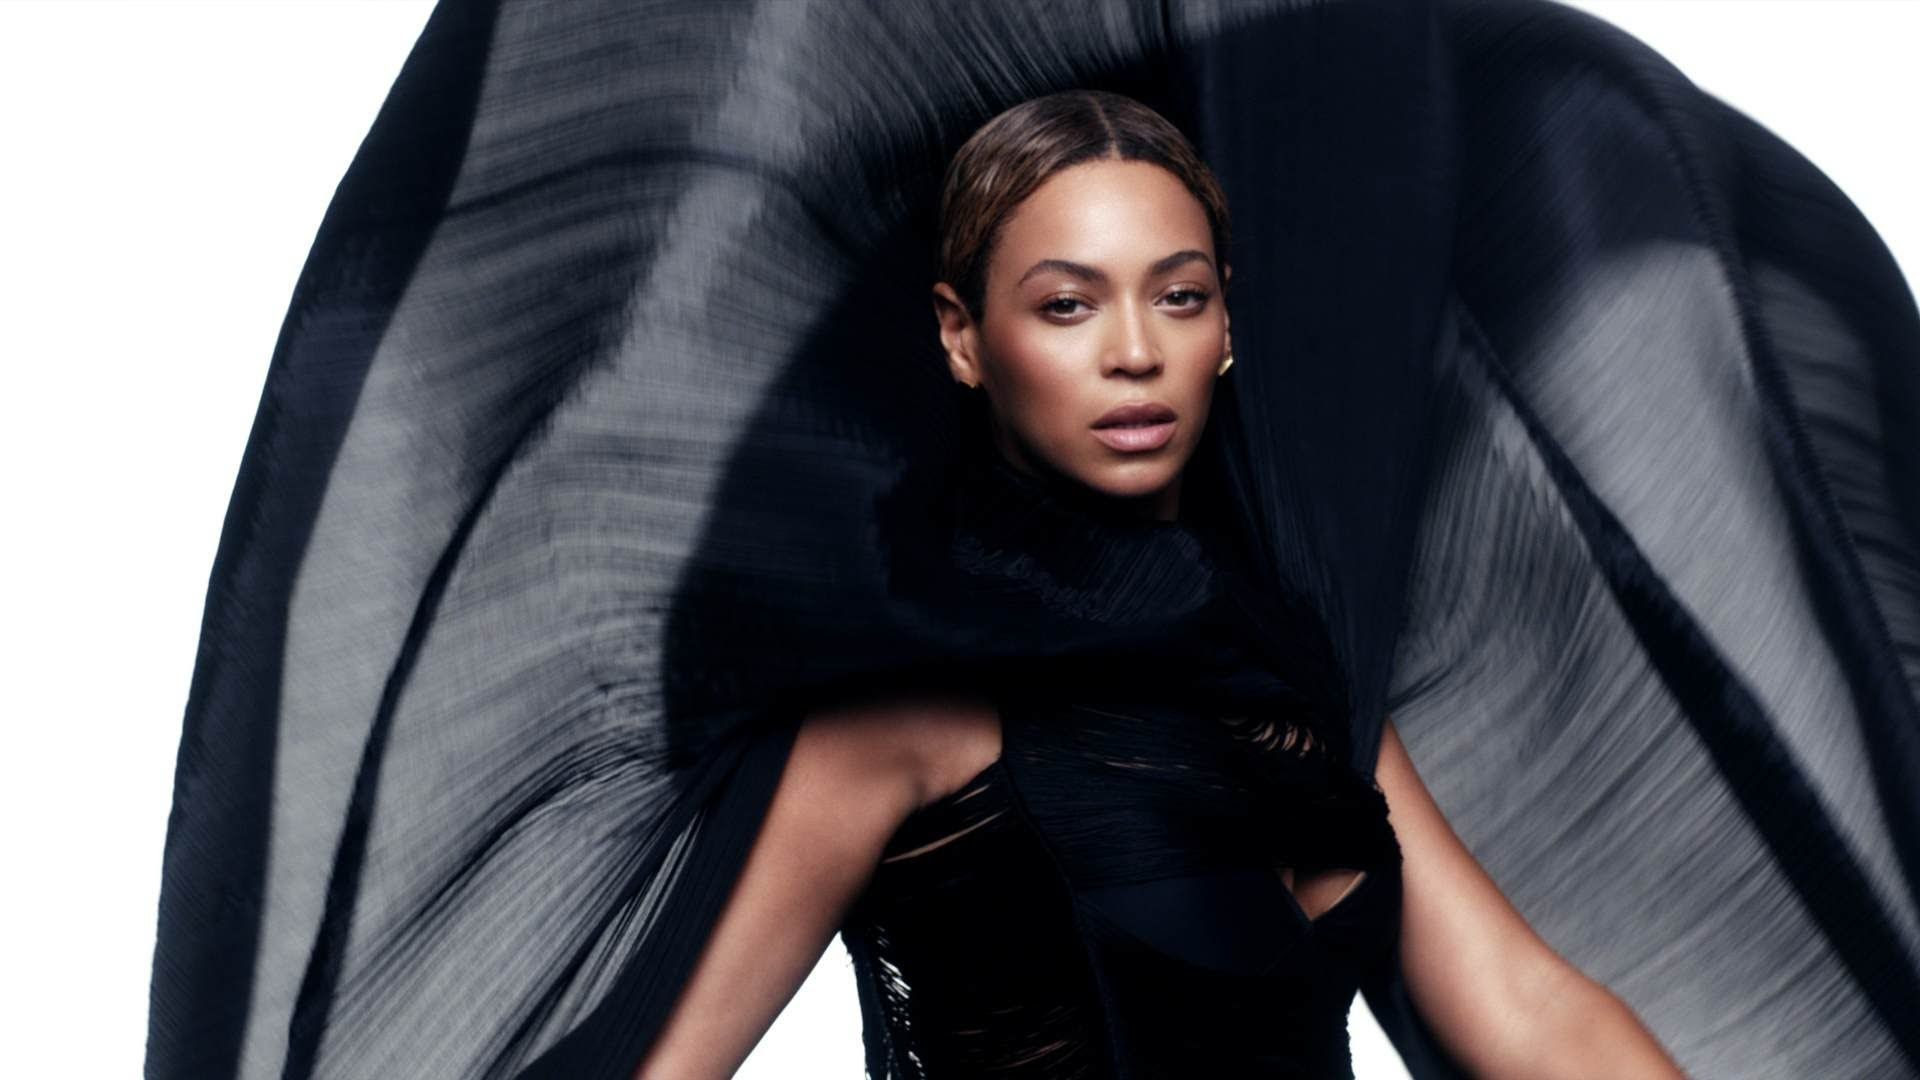 Beyonce photo beyonce-see-music-album-leak.jpg